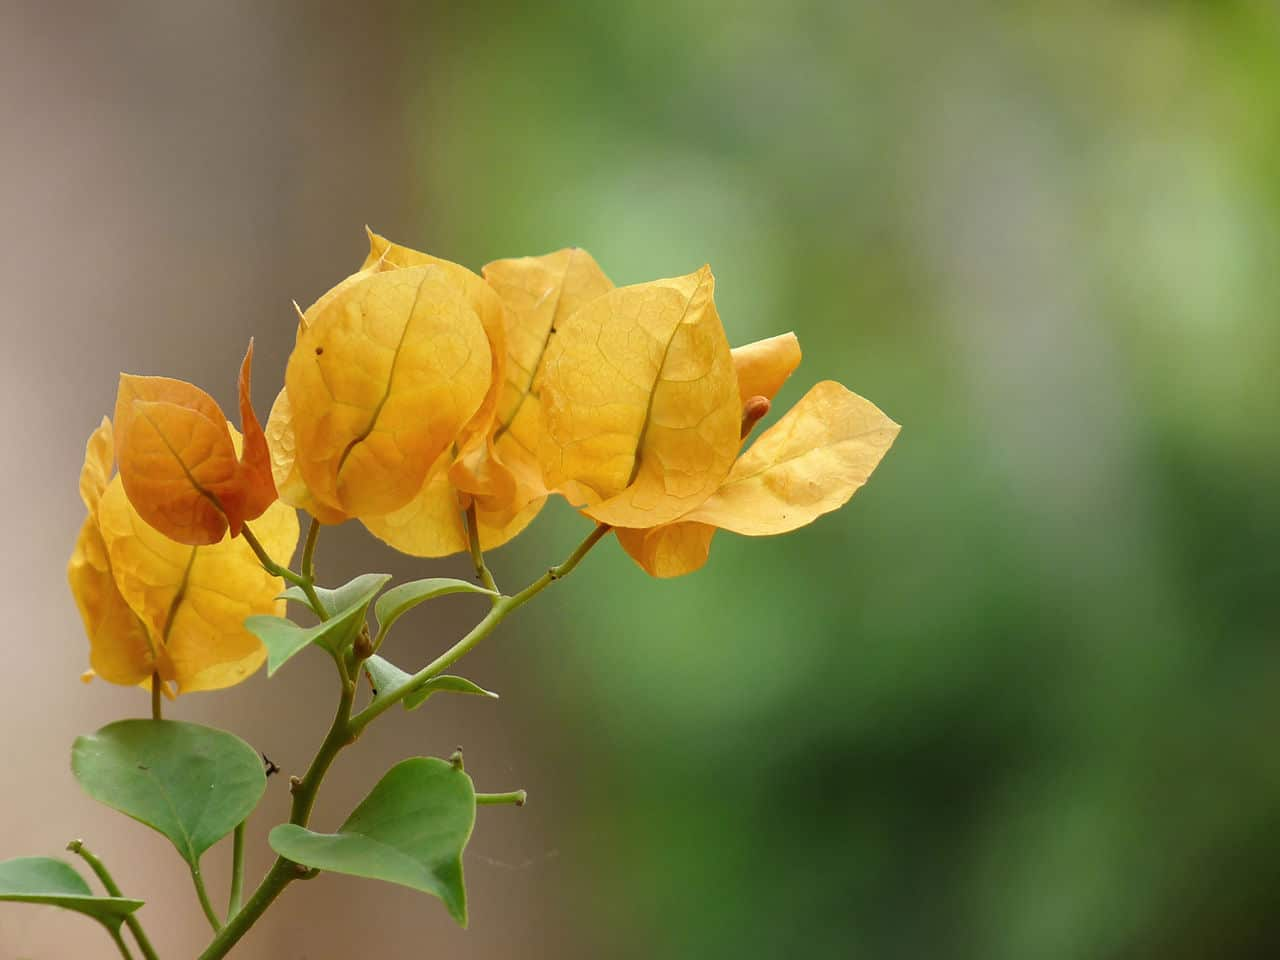 La buganvilla amarilla es una planta trepadora